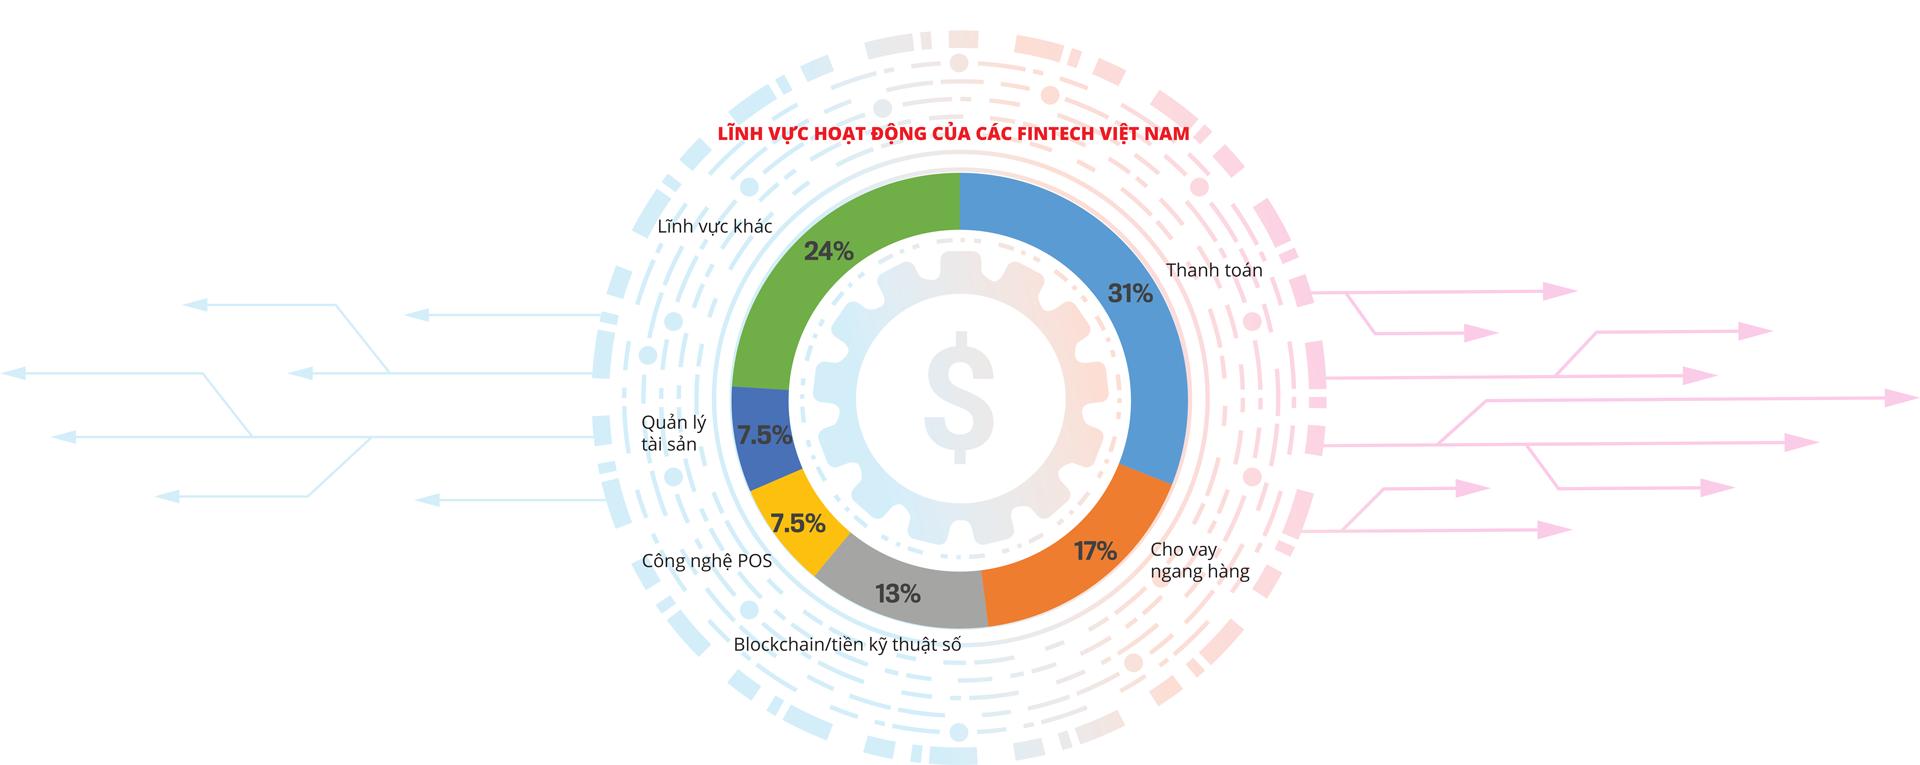 """Fintech và ví điện tử: """"Đốt tiền"""" chịu lỗ để đổi lấy cơ may - Ảnh 3"""